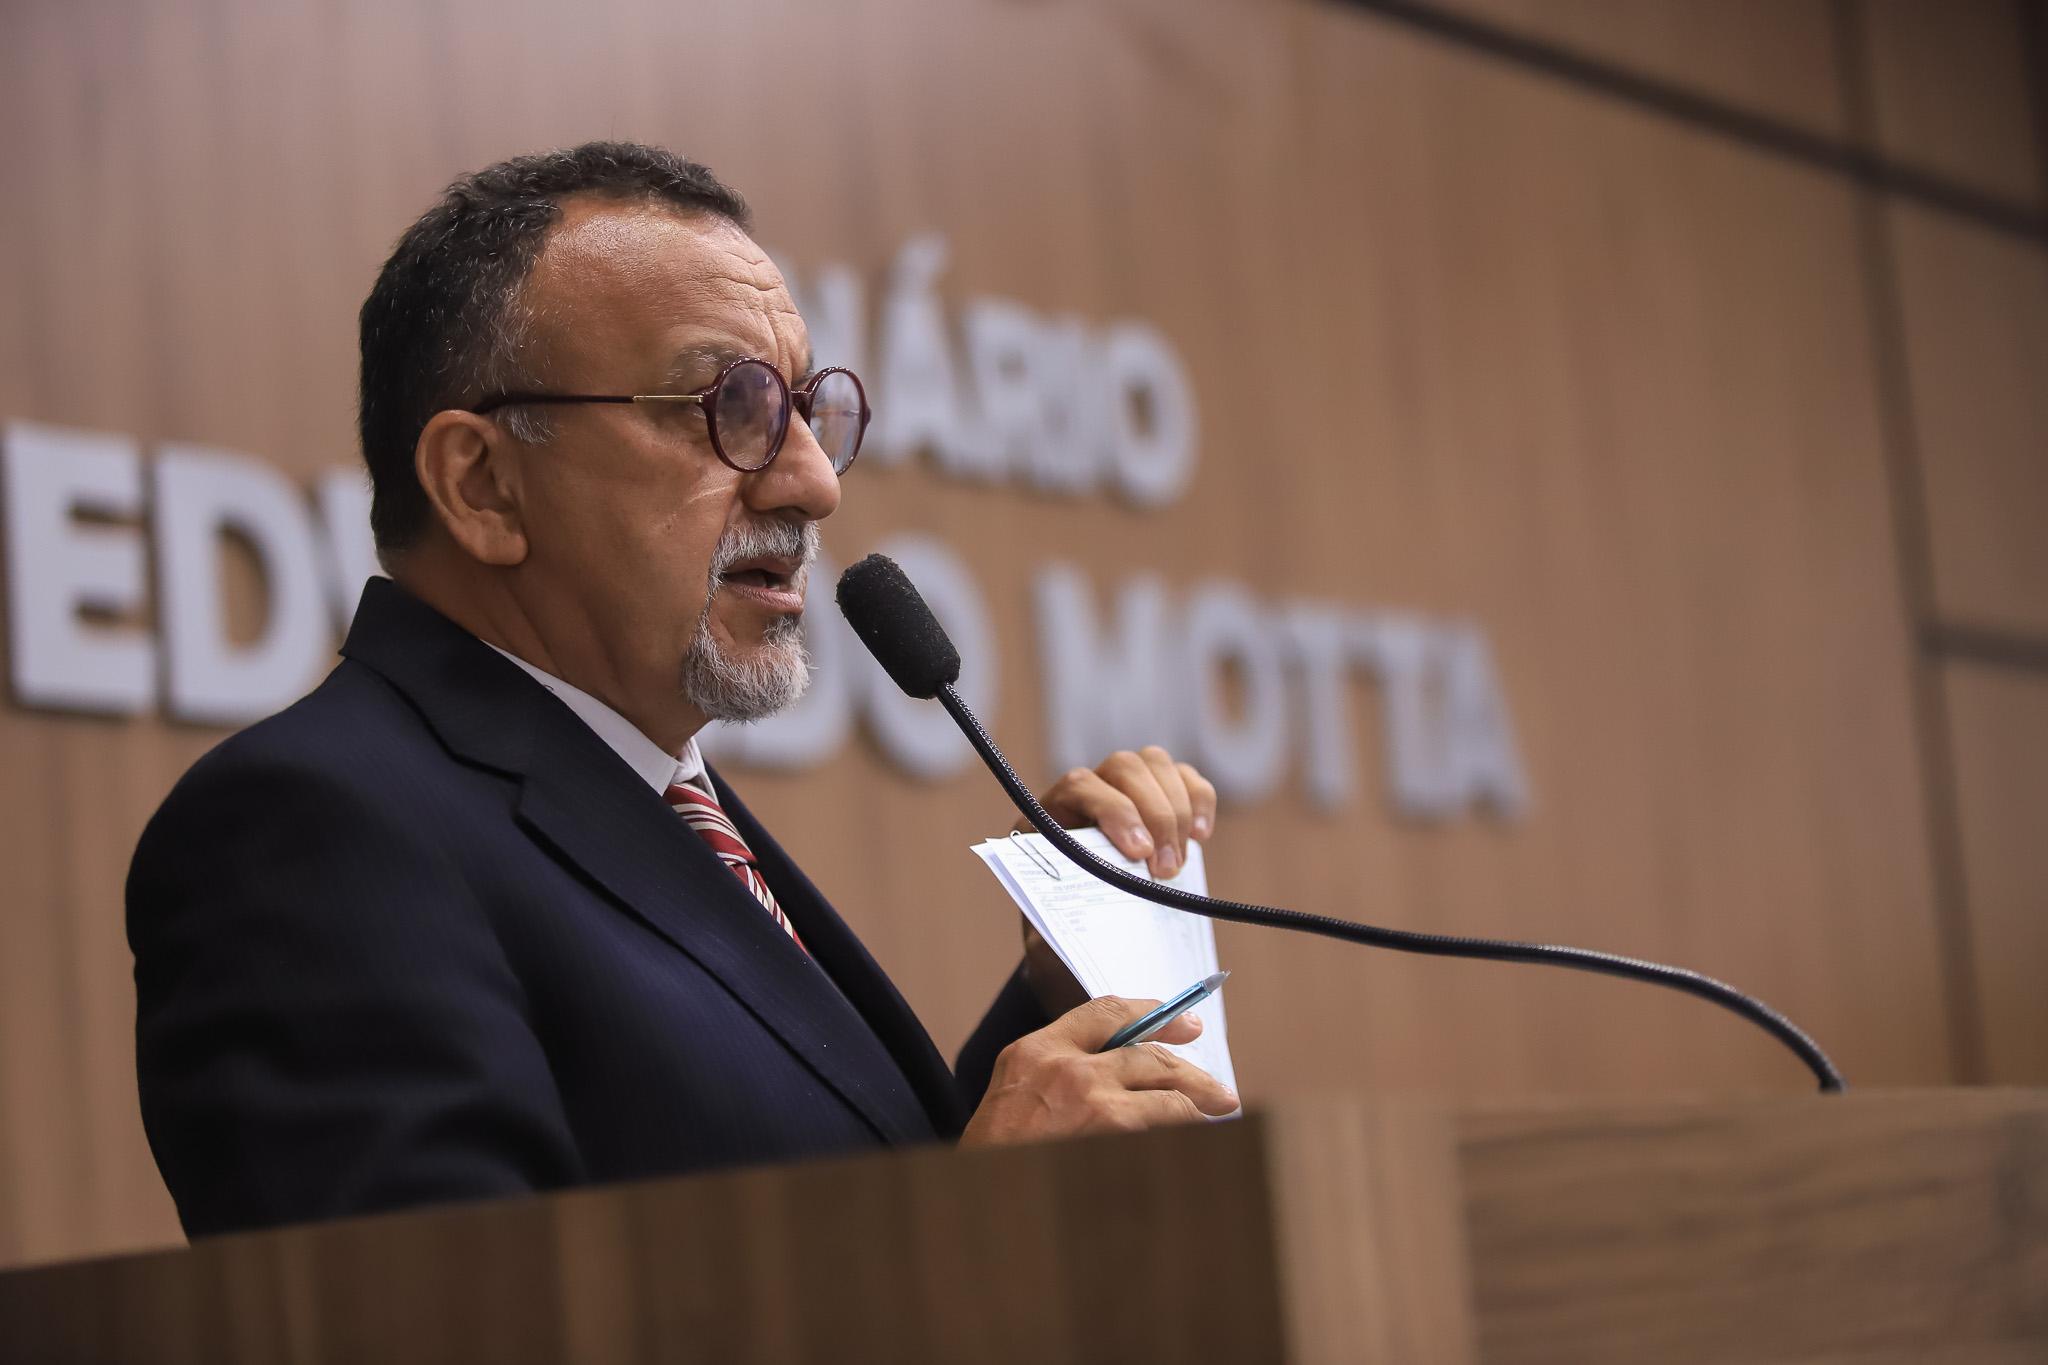 Seis meses de gestão: o que mudou na vida do povo de Patos? Pergunta Zé Gonçalves.